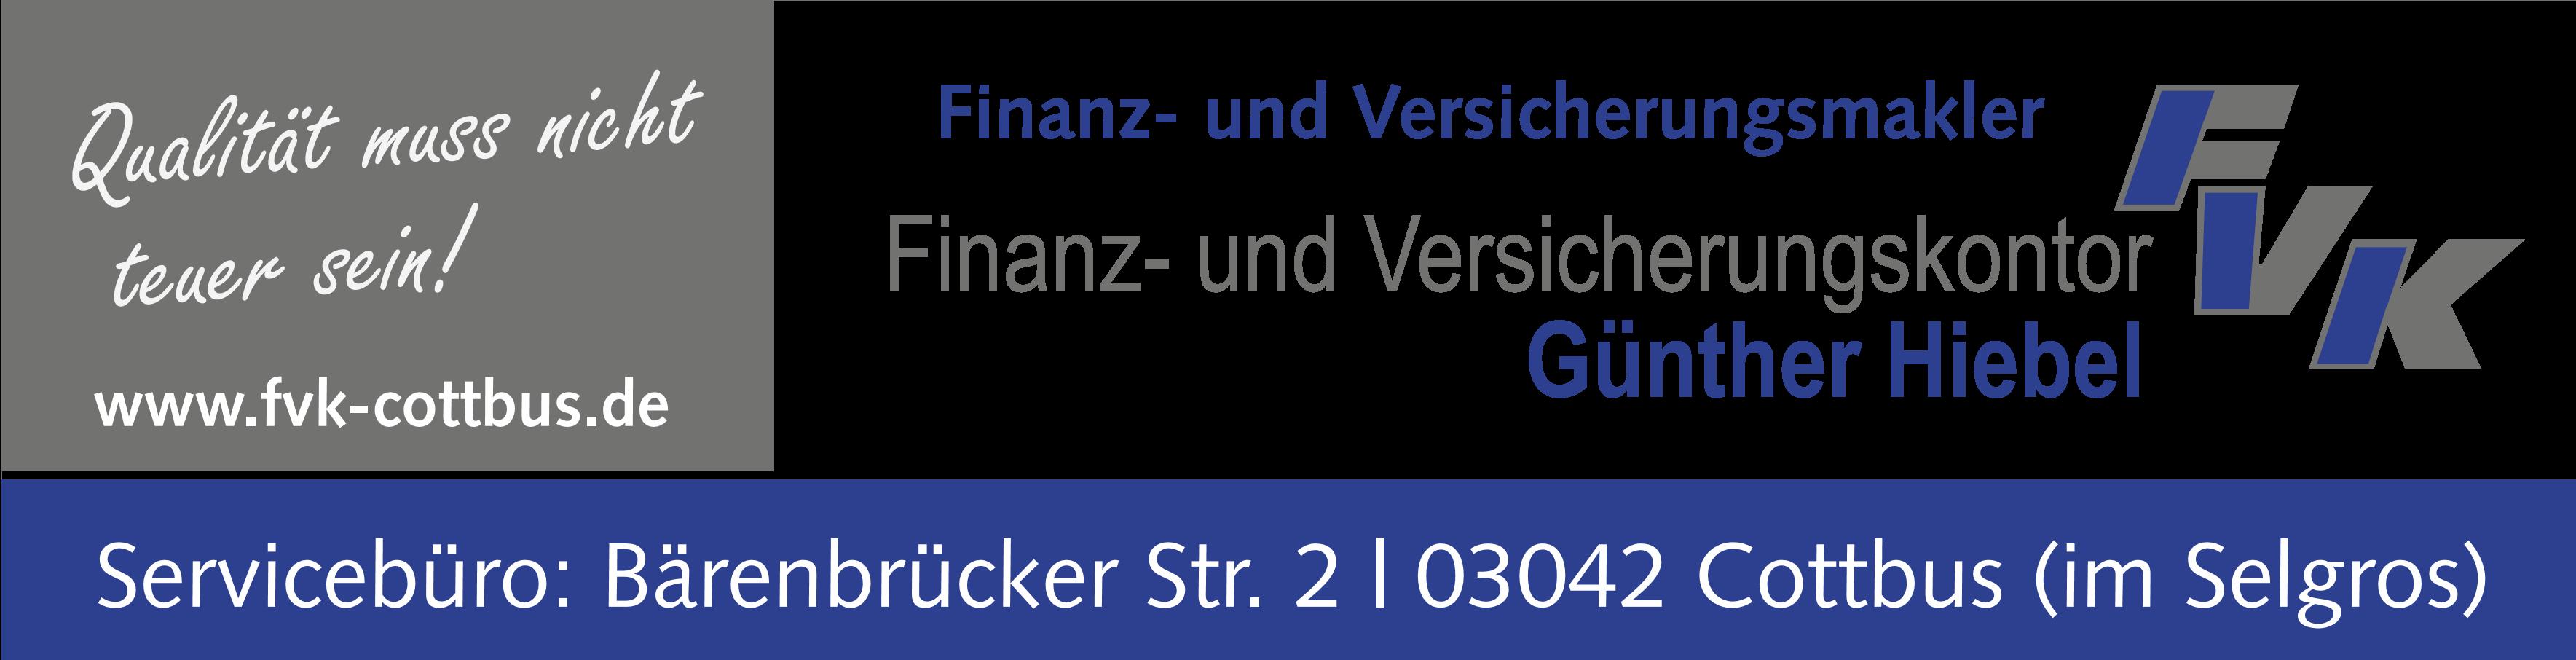 Foto de FVK Finanz- und Versicherungskontor Günther Hiebel